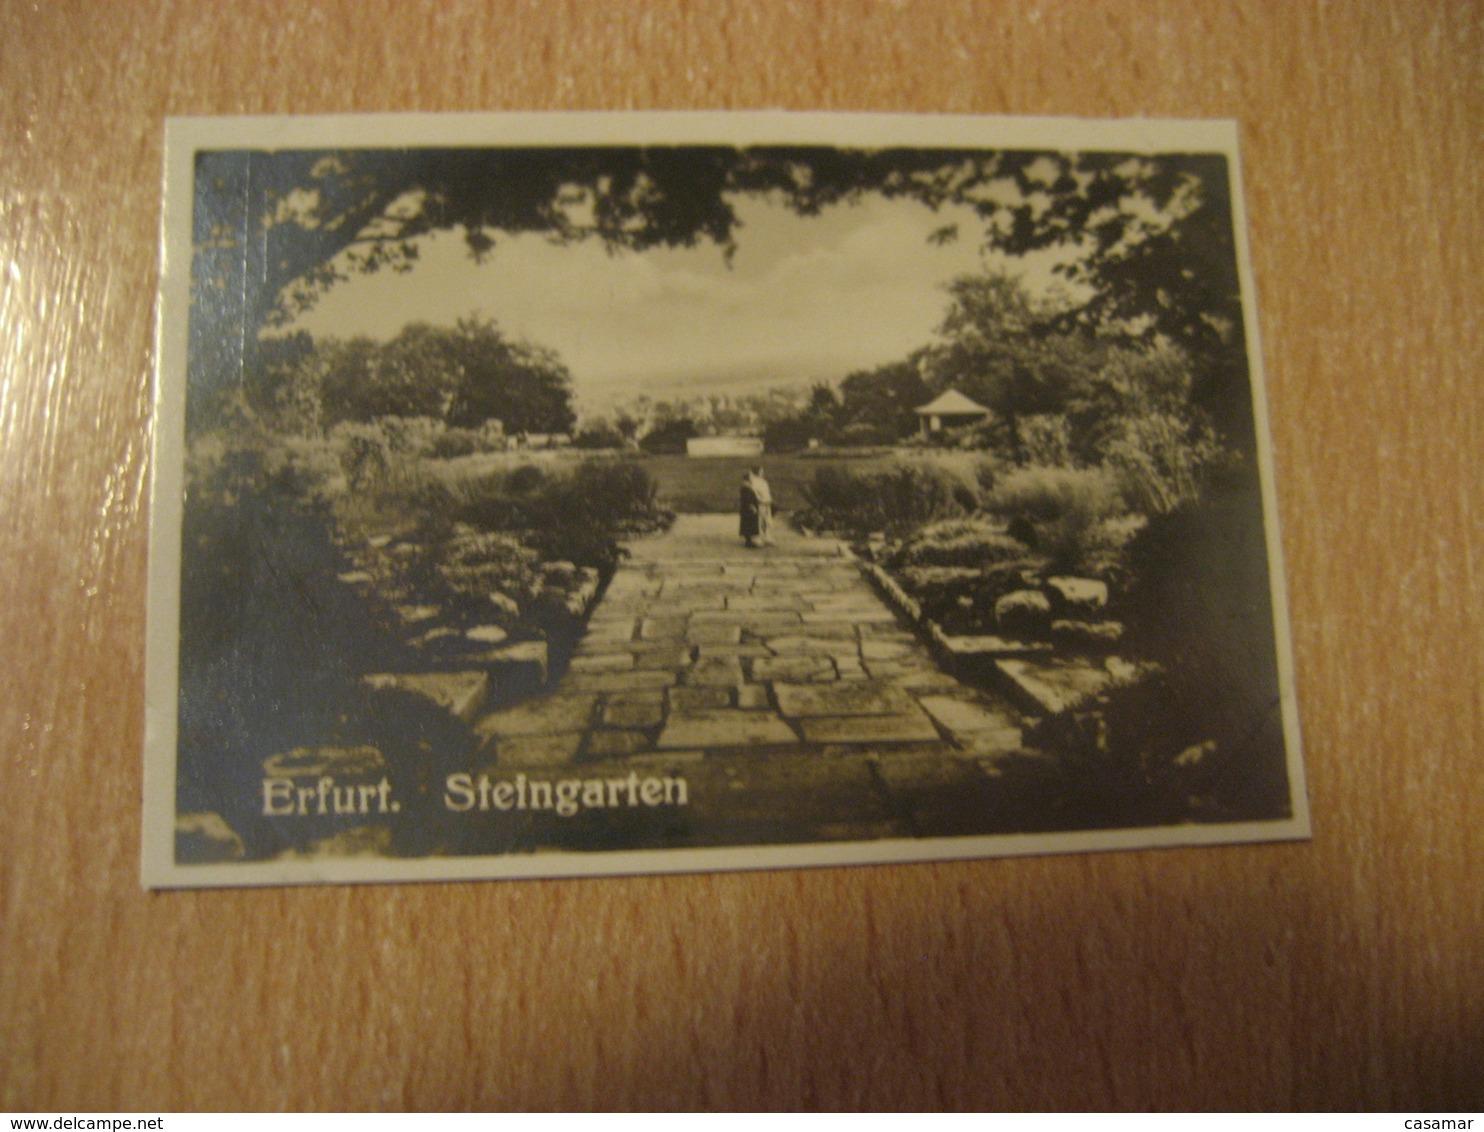 ERFURT Steingarten Bilder Card Photo Photography (4,3x6,3cm) Garden Gardens GERMANY 30s Tobacco - Ohne Zuordnung